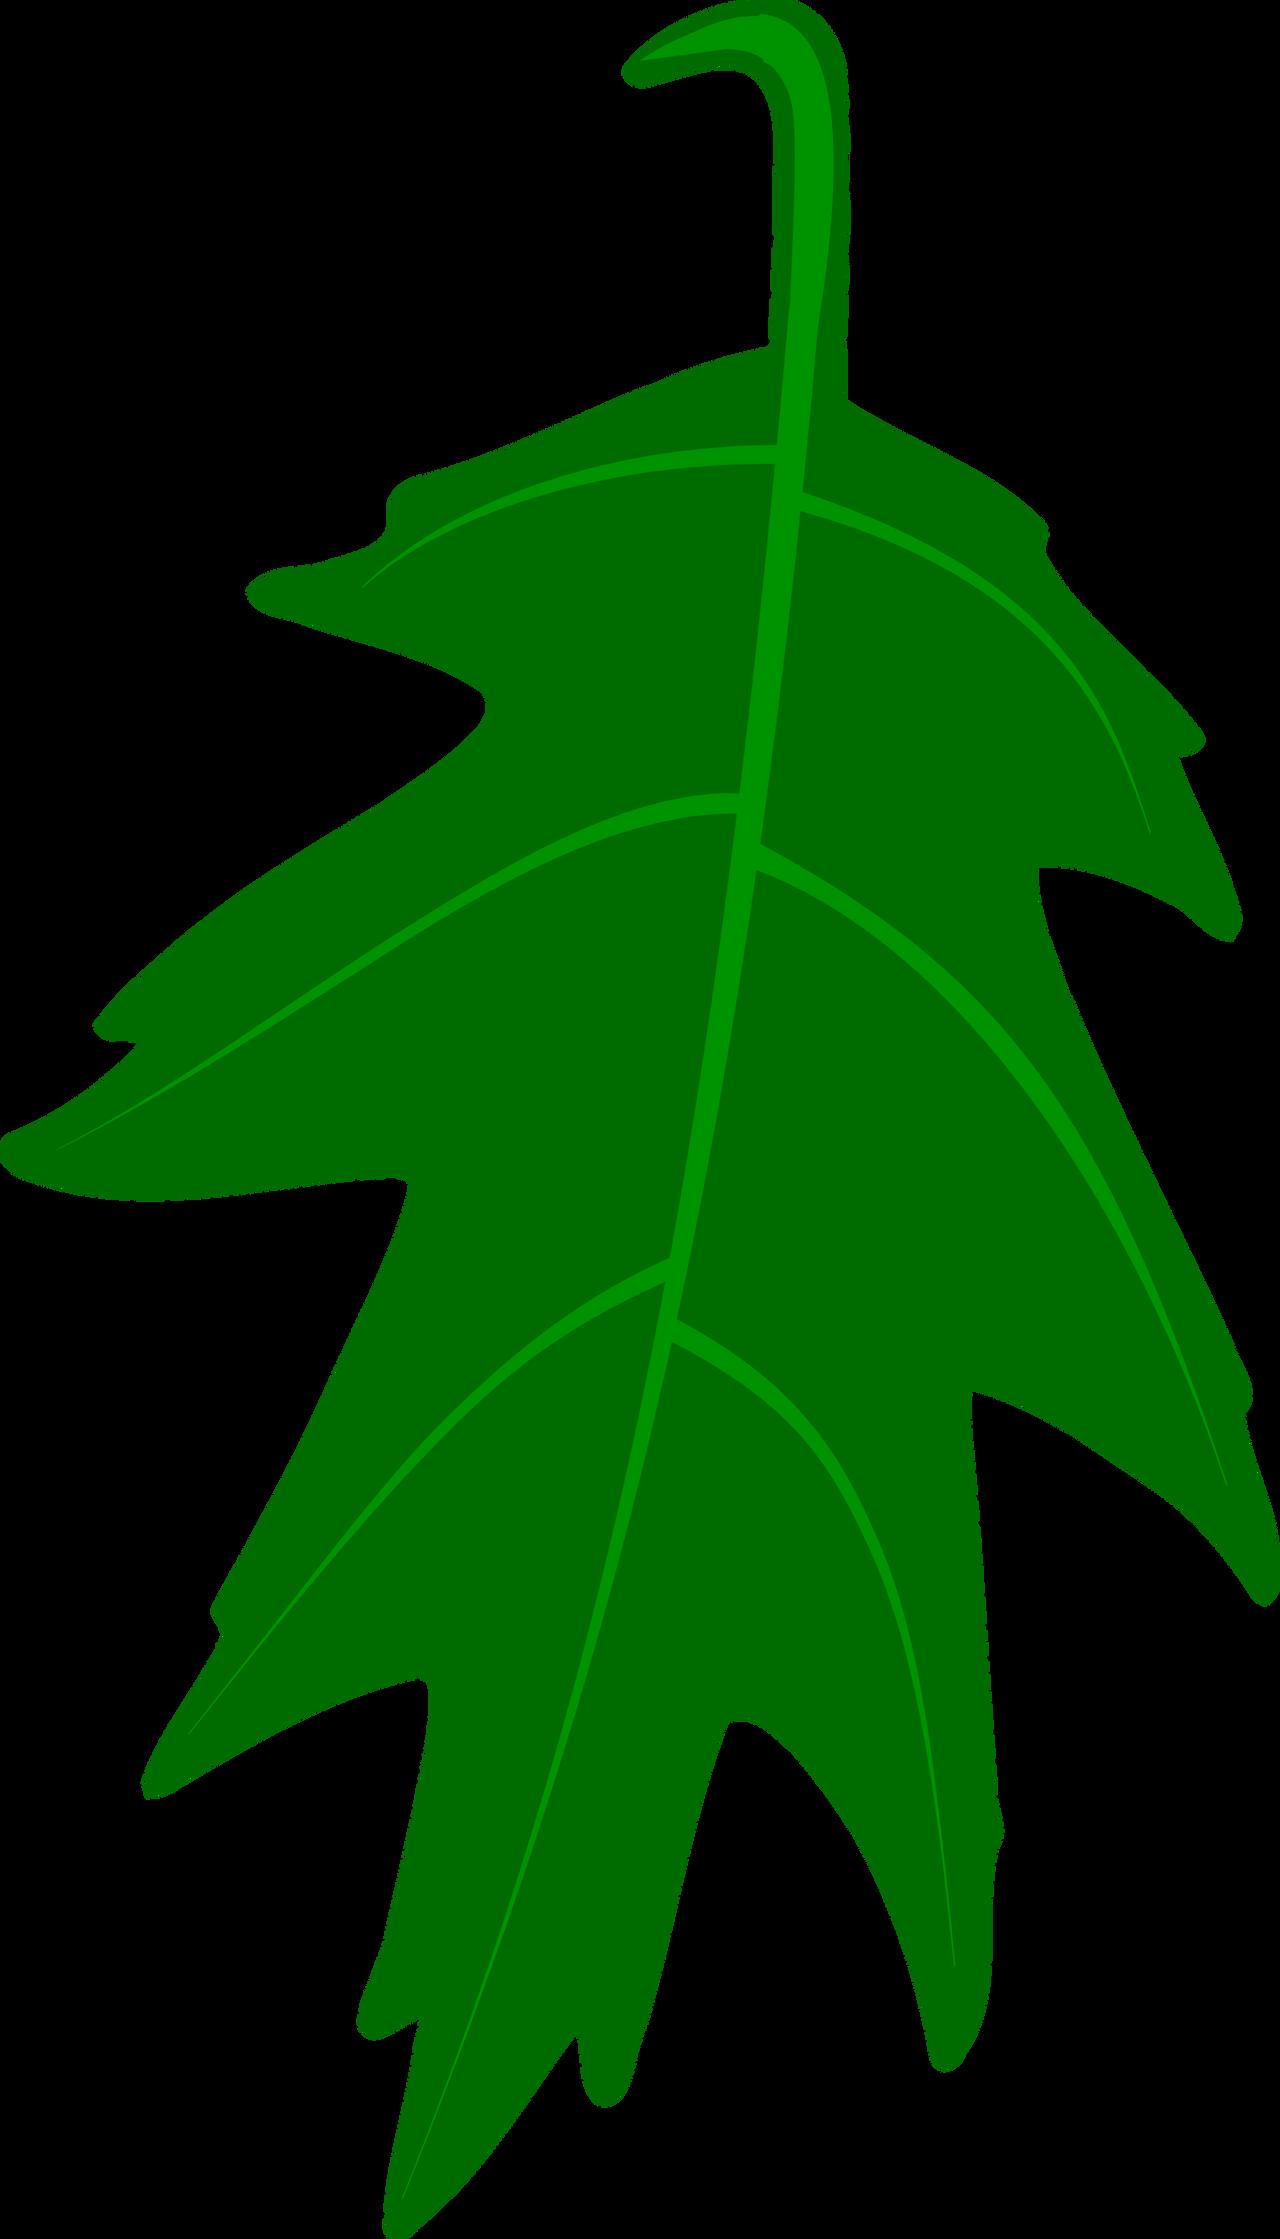 Oak Leaf Vector by Mortris on DeviantArt